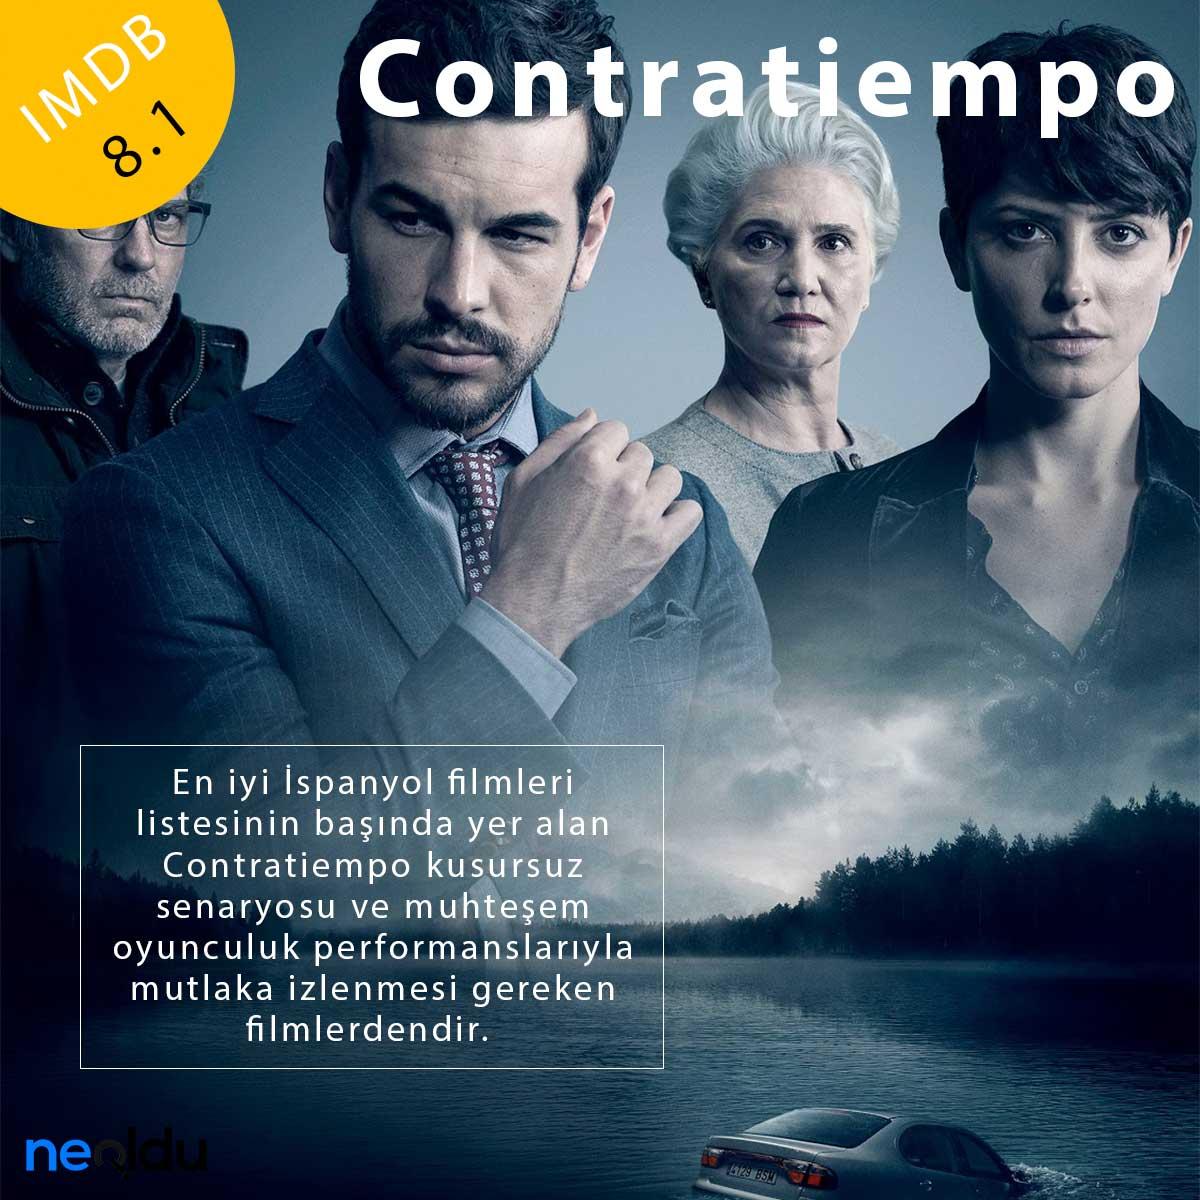 contratiempo-(2016).jpg